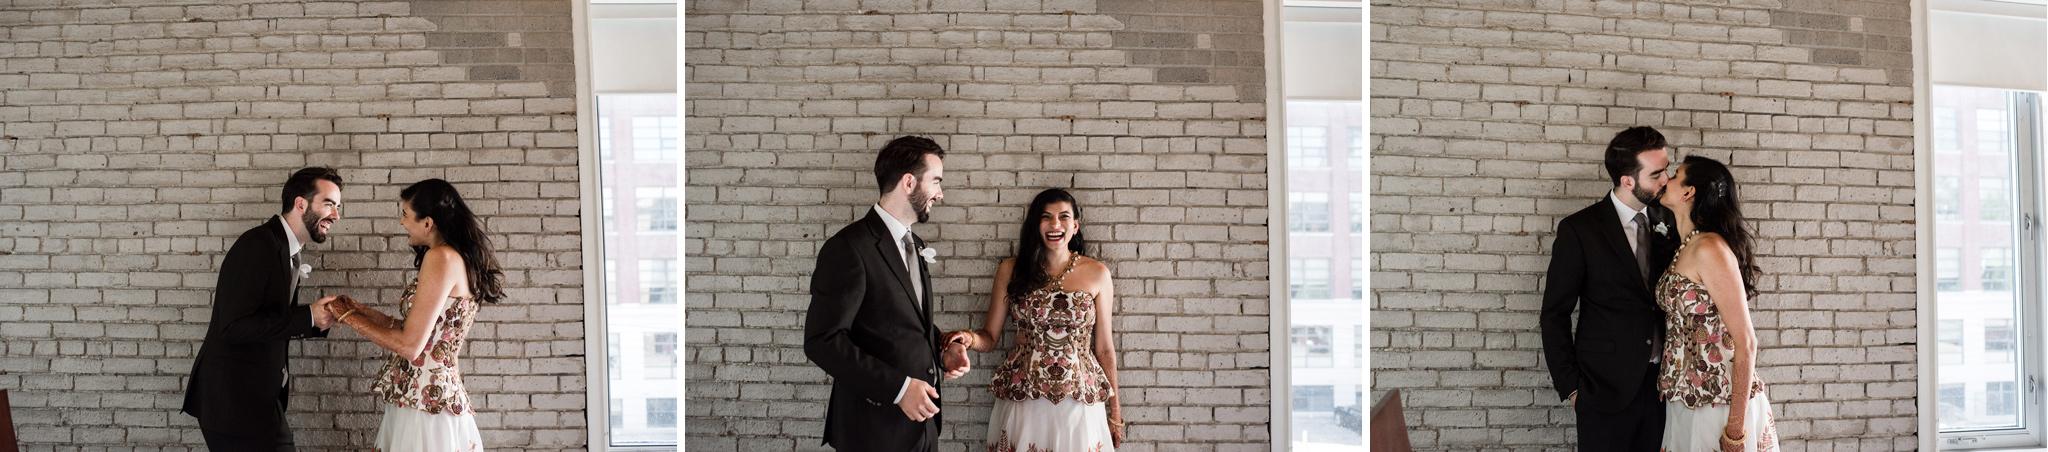 087-bride-groom-wedding-photos-hotel-ocho-pre-ceremony-toronto.jpg